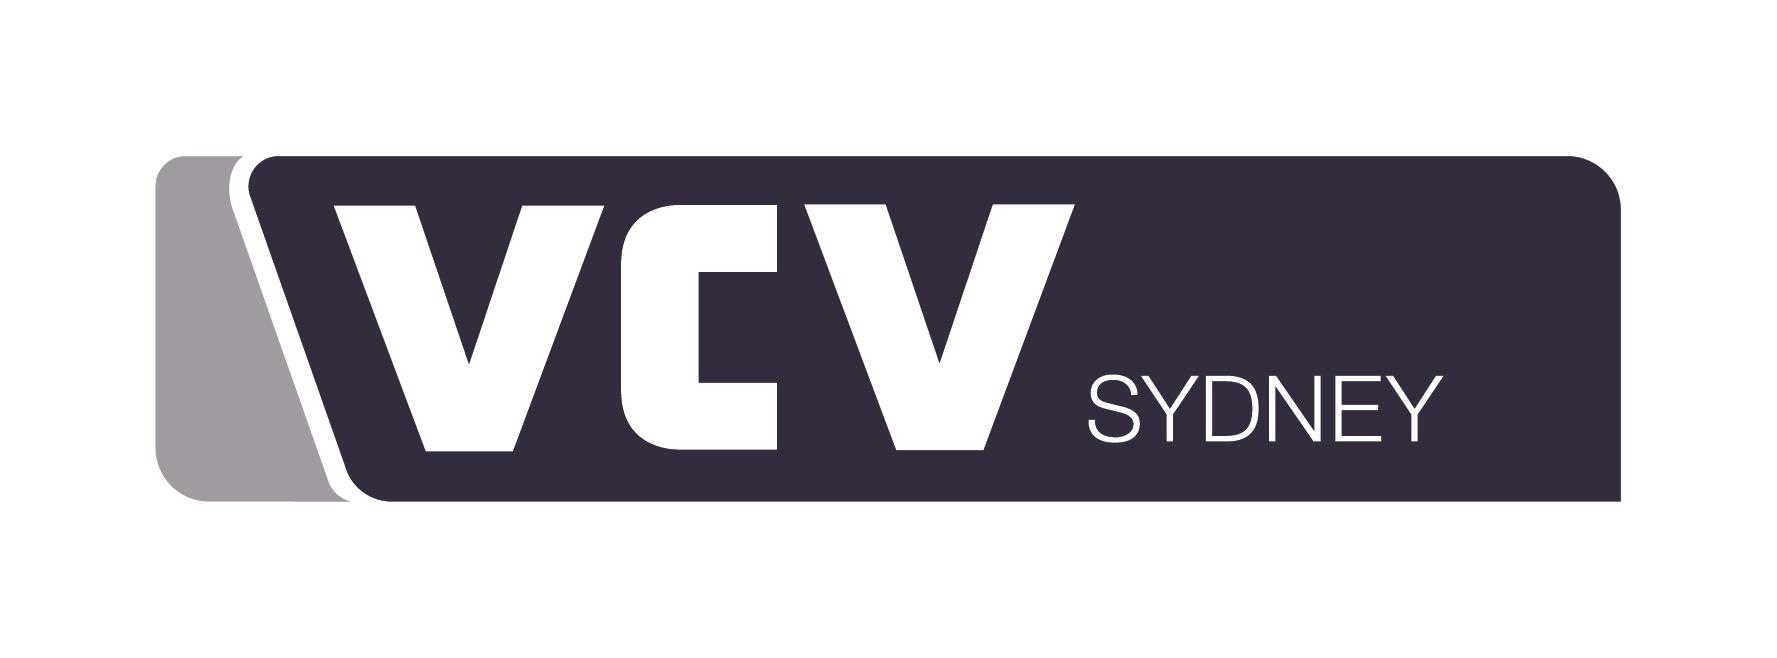 VCV Sydney